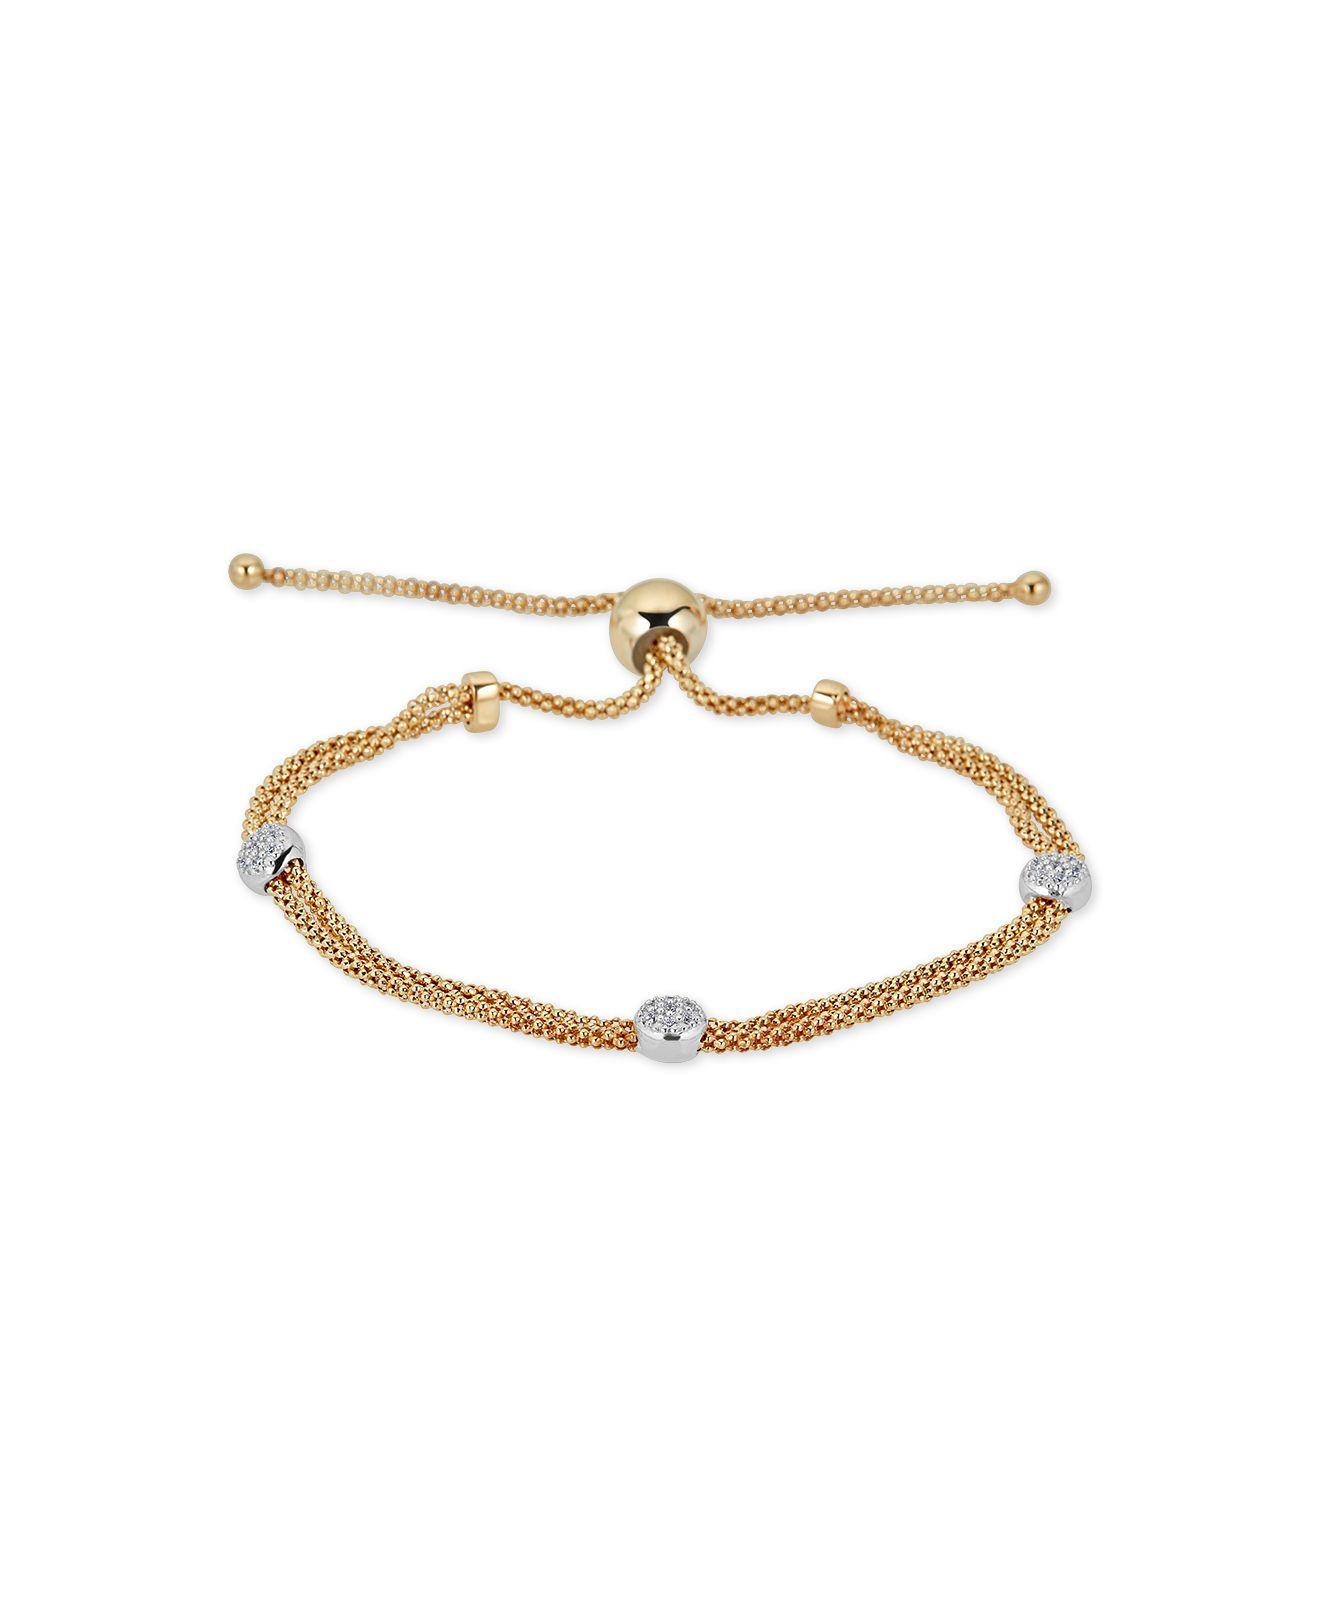 4e9f21530b8 Lyst - Macy'S Diamond Beaded Bolo Bracelet (1/6 Ct. T.w.) In ...